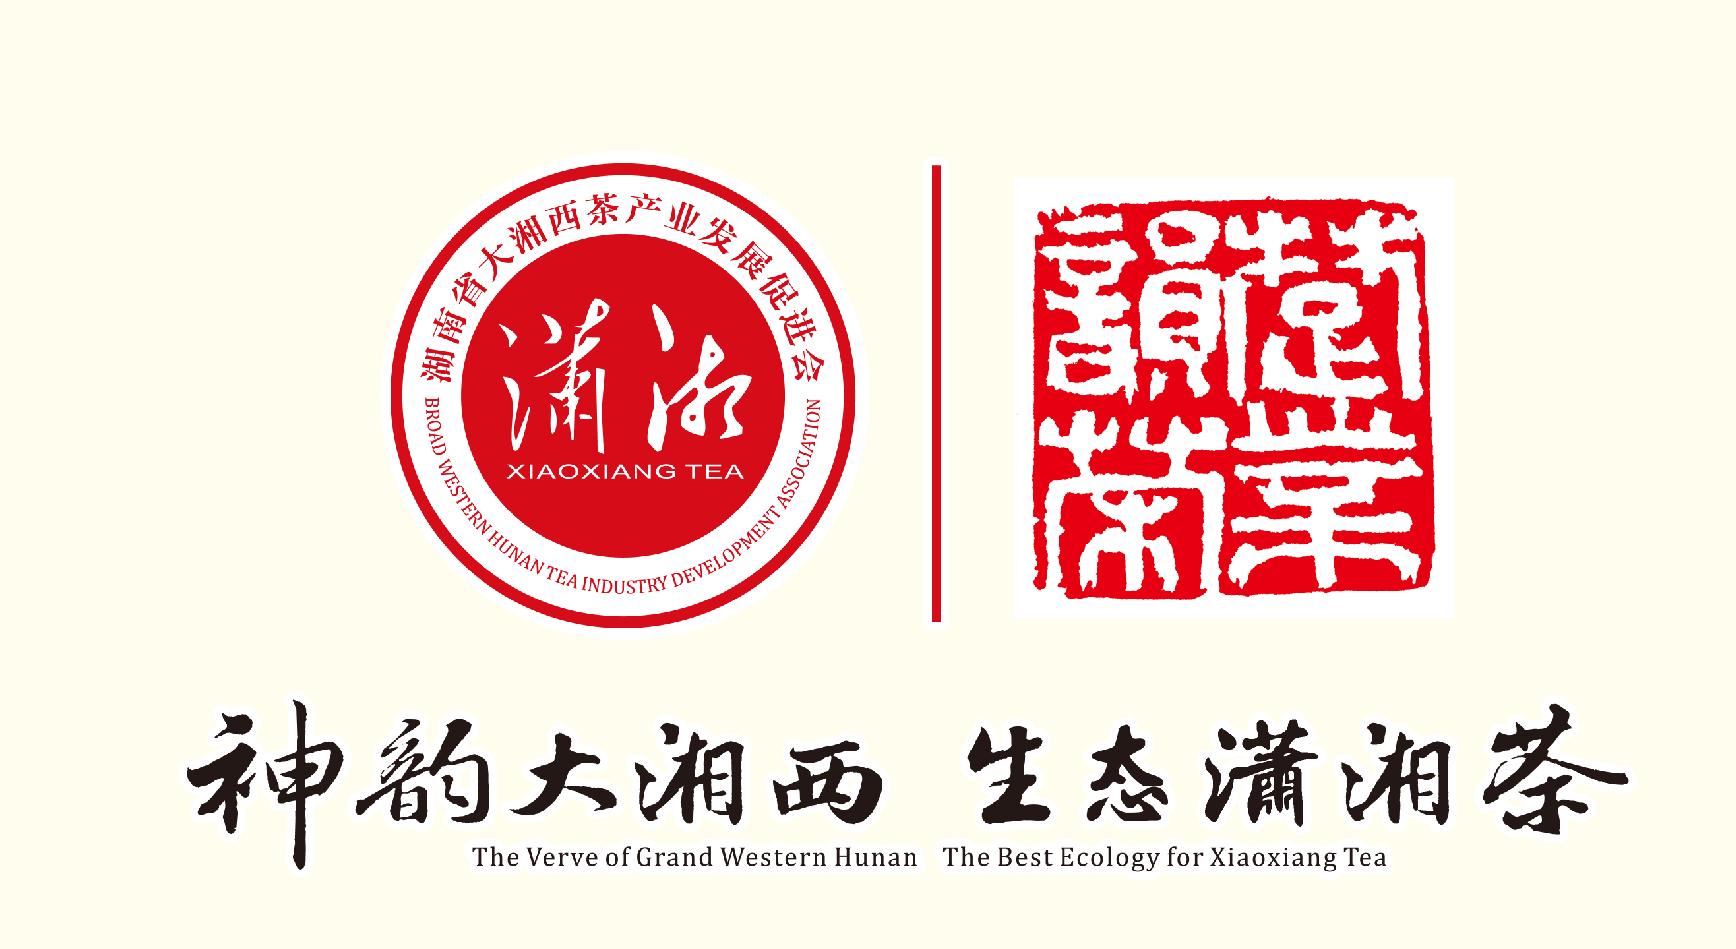 Hunan Chuyun Tea Inudstry Co.,Ltd